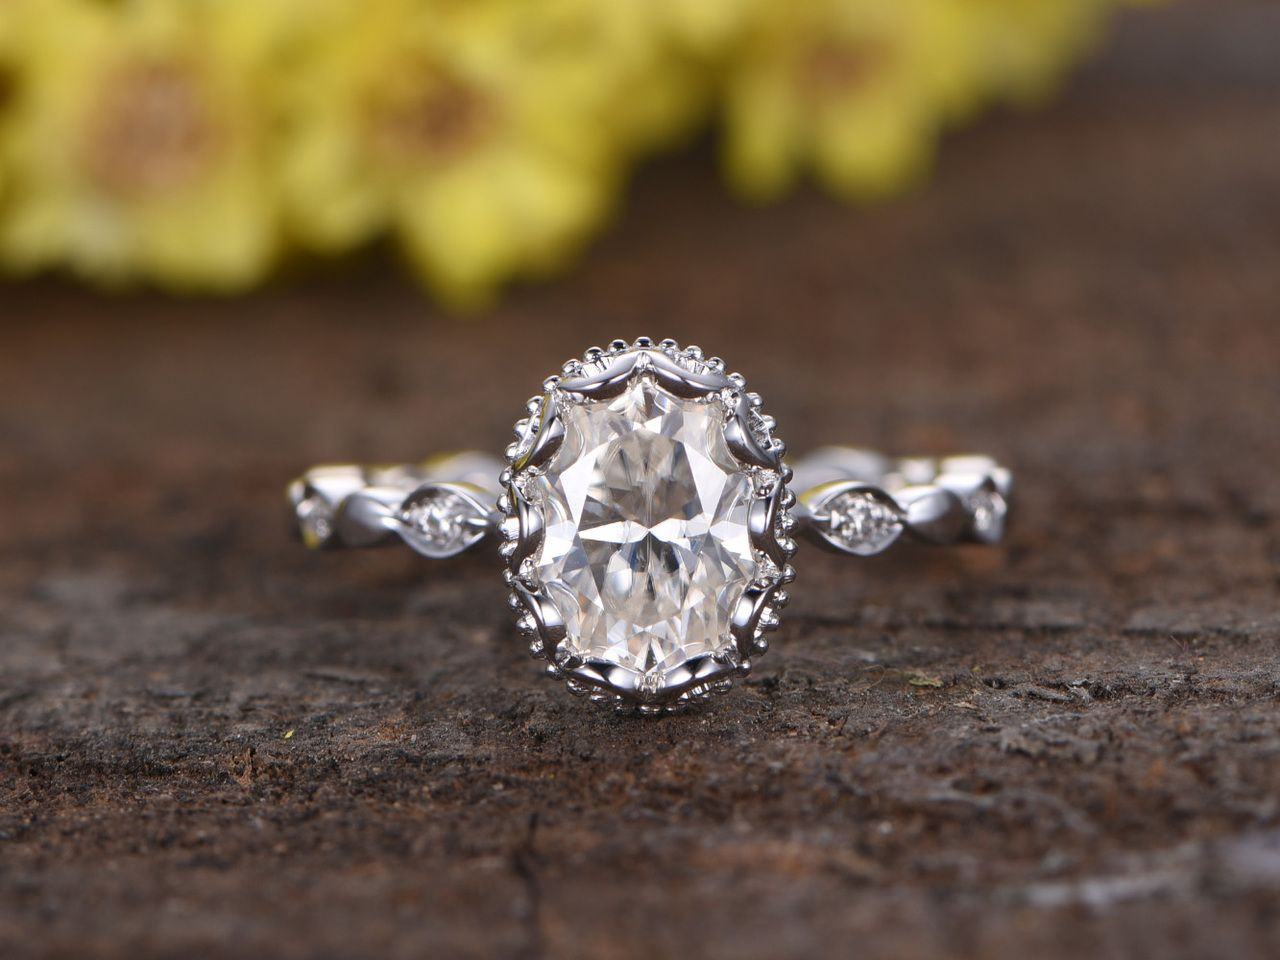 1 5 Carat Moissanite Oval Engagement Rings Diamond 14k White Gold Retro Vintage Art Deco Full Eternity Band Wedding Rings Vintage Engagement Rings Oval Fine Engagement Rings